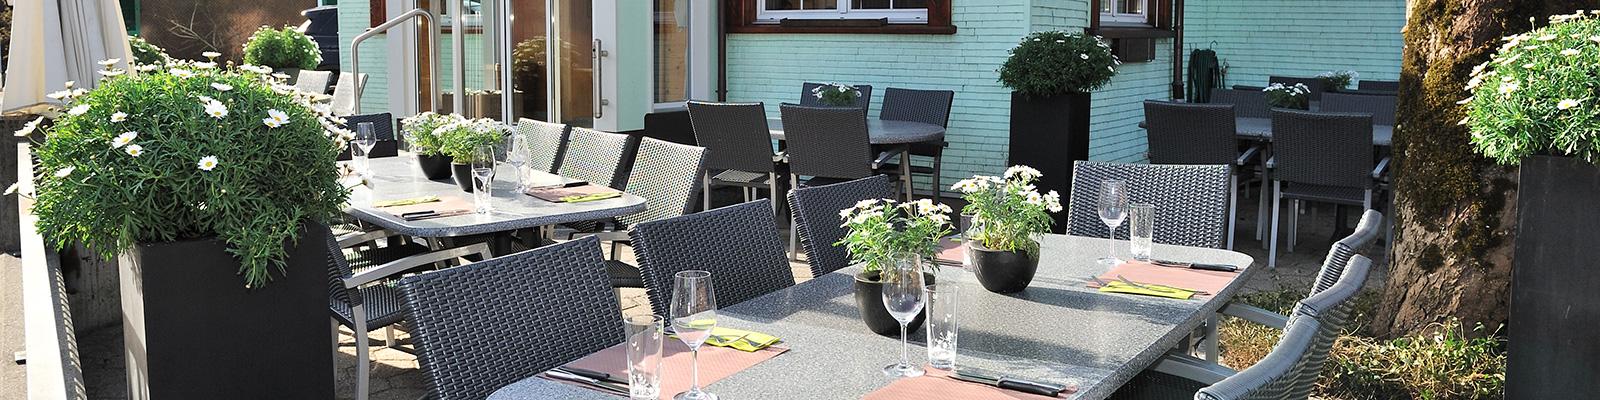 Header_Alpenhof Weissbad Restaurant